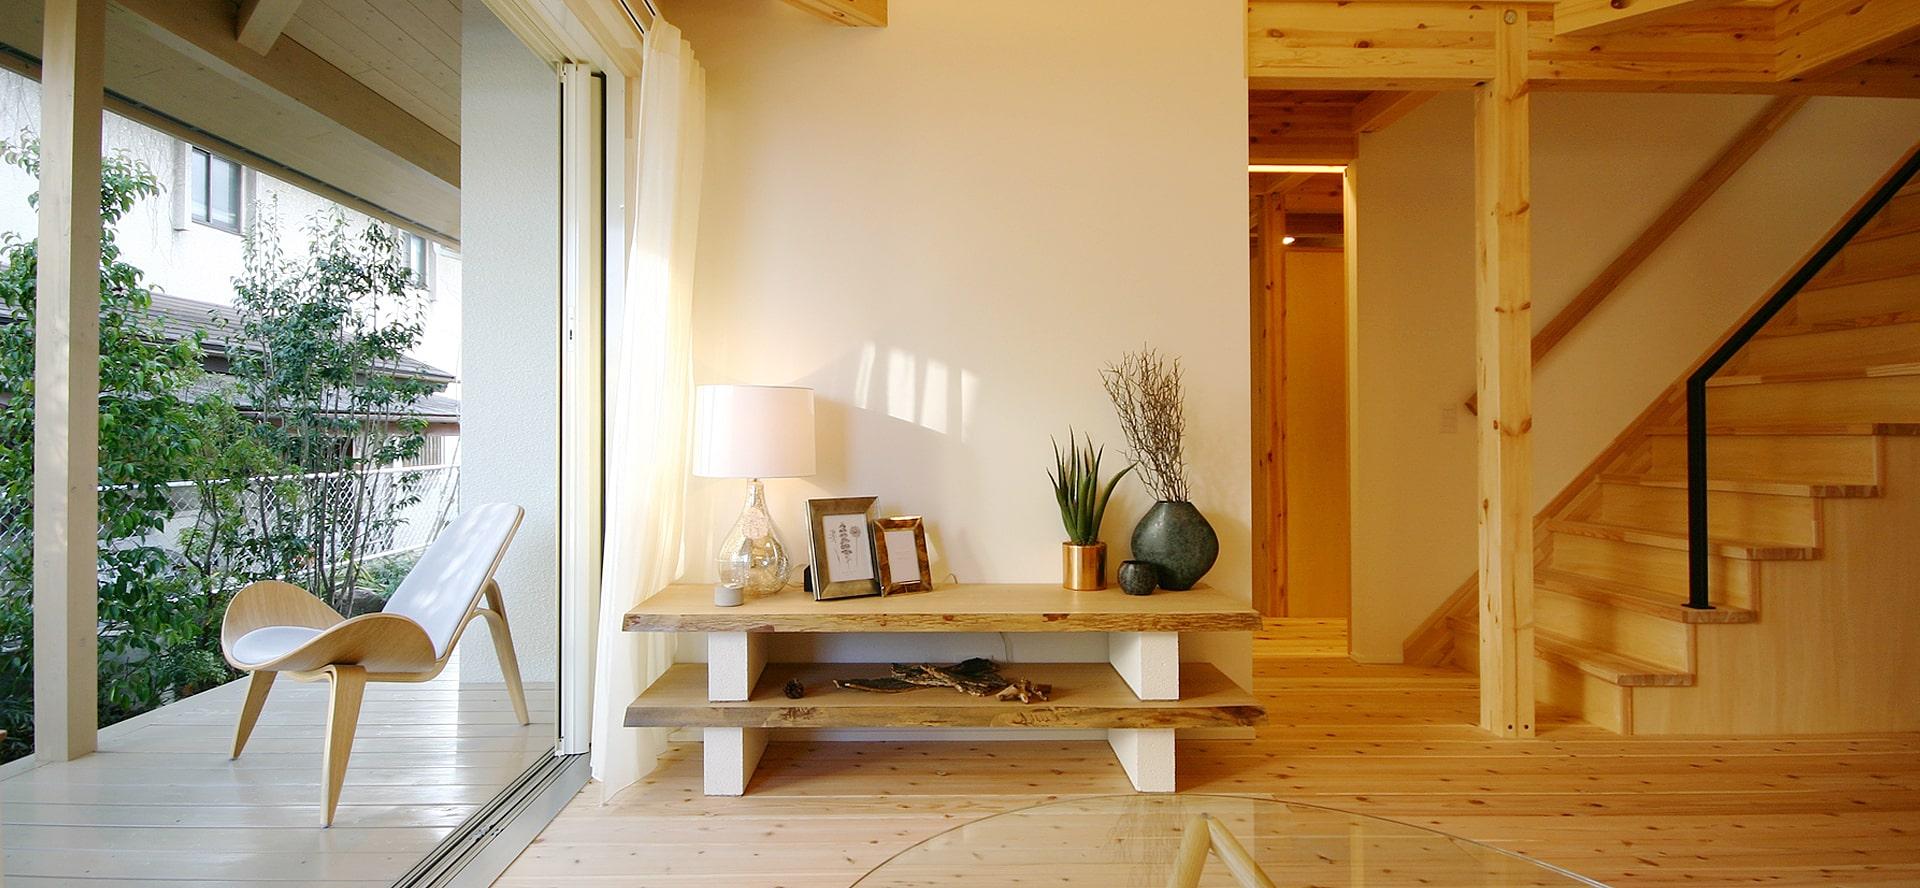 宇都宮で平屋を建てたいならネクストハウスデザイン